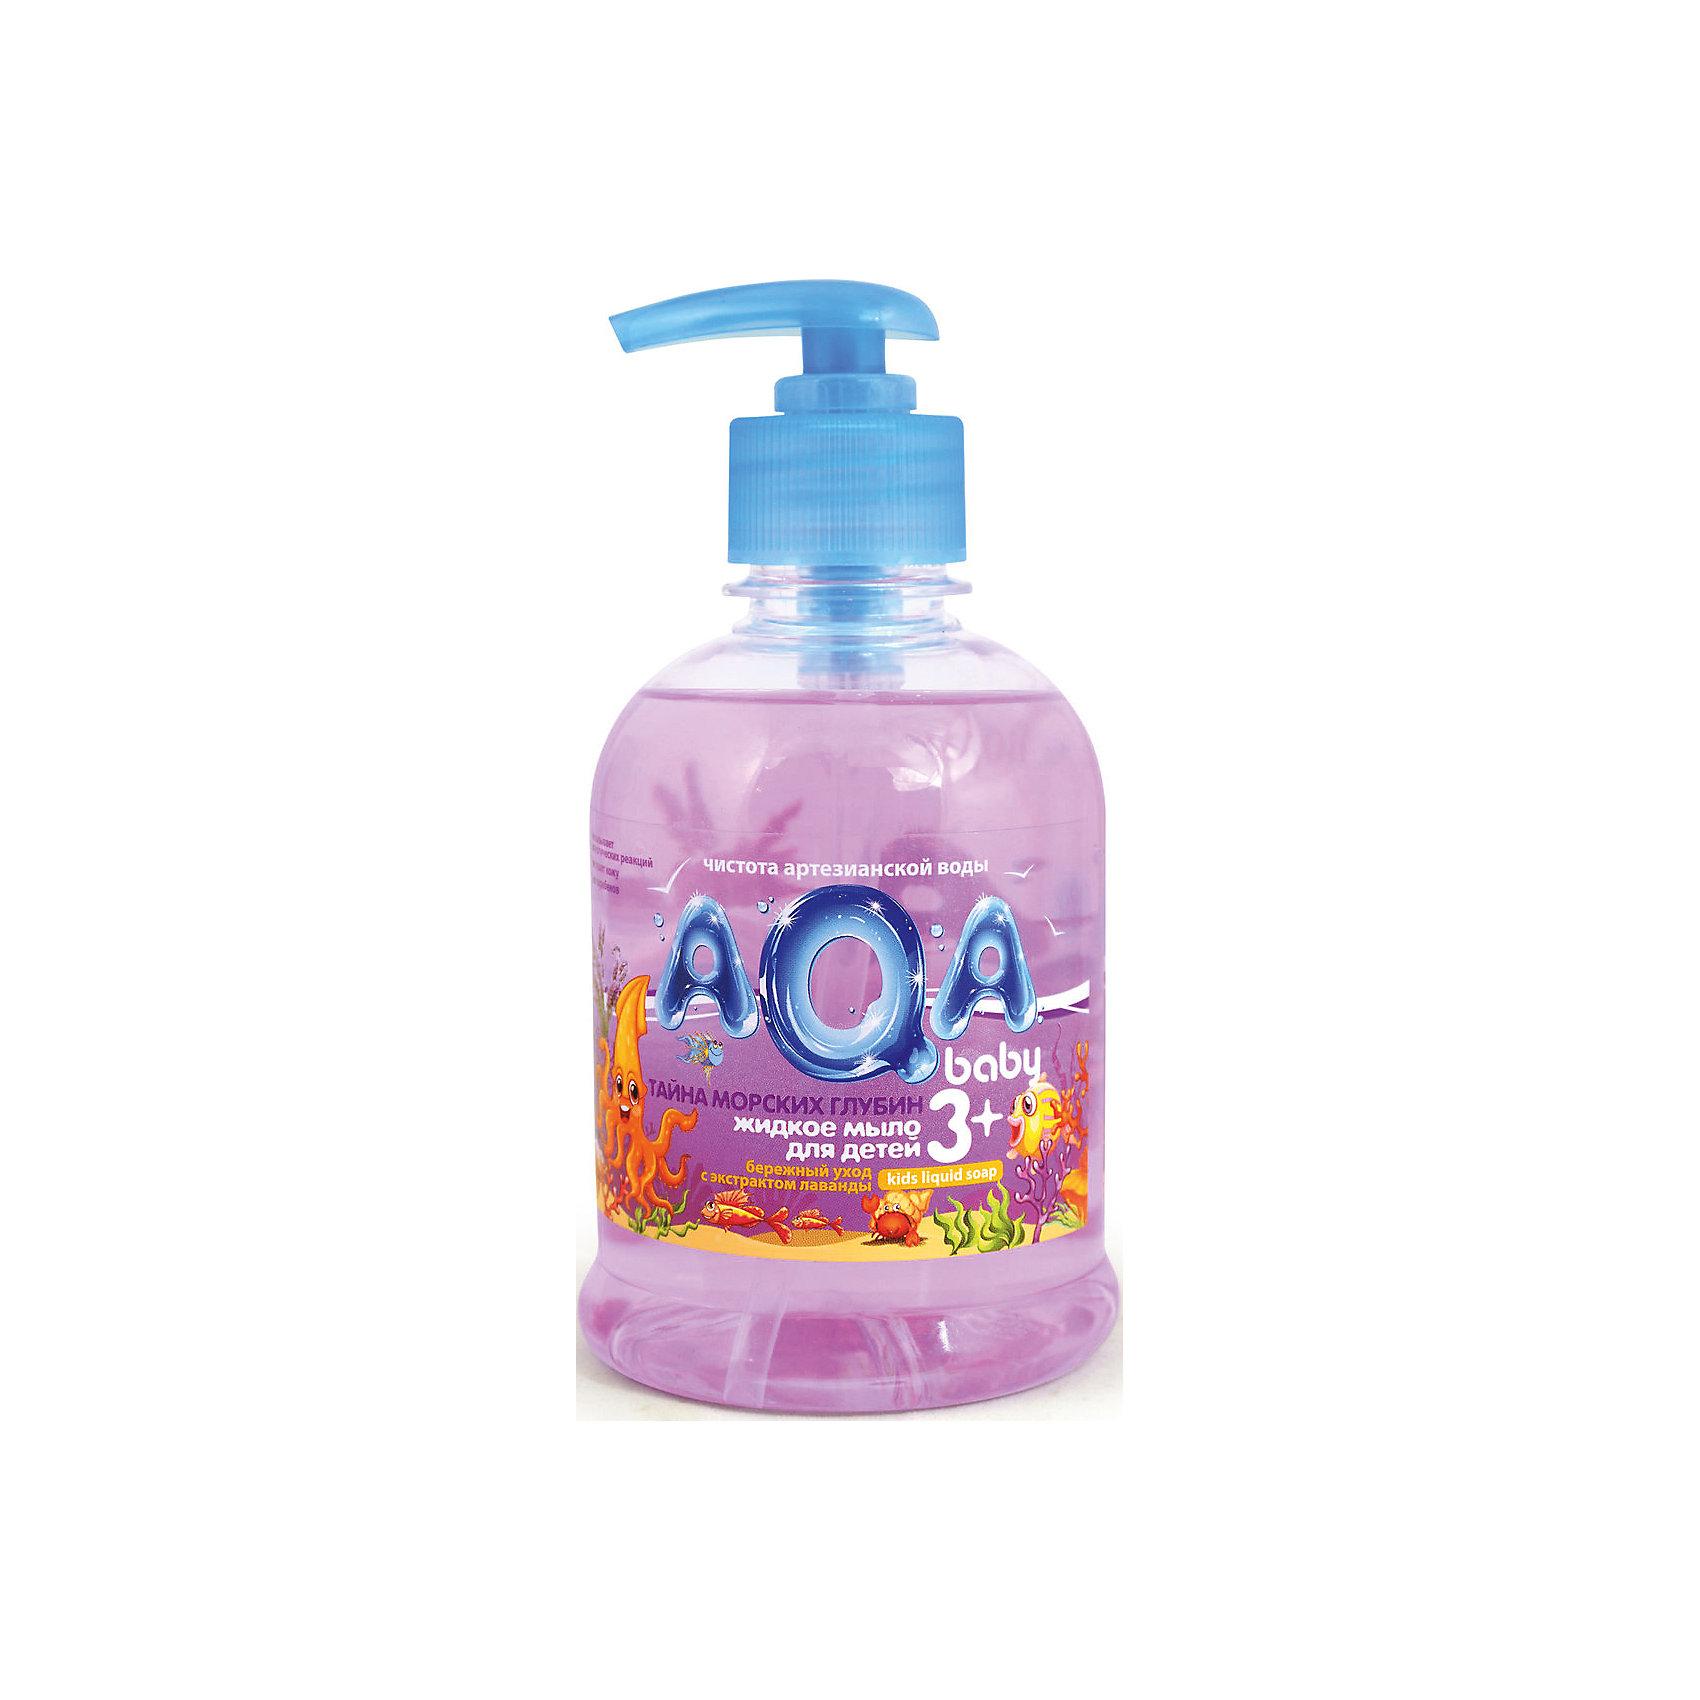 Жидкое мыло Тайна морских глубин, AQA babyКупание малыша<br>Тайна морских глубин с экстрактом Лаванды<br><br>Для ежедневной гигиены на основе воды из артезианского источника<br>Не сушит кожу, с провитамином В5<br>Без парабенов<br>Гипоаллергенно<br>Объём: 300 мл<br><br>Ширина мм: 150<br>Глубина мм: 100<br>Высота мм: 80<br>Вес г: 80<br>Возраст от месяцев: 3<br>Возраст до месяцев: 36<br>Пол: Унисекс<br>Возраст: Детский<br>SKU: 4729826